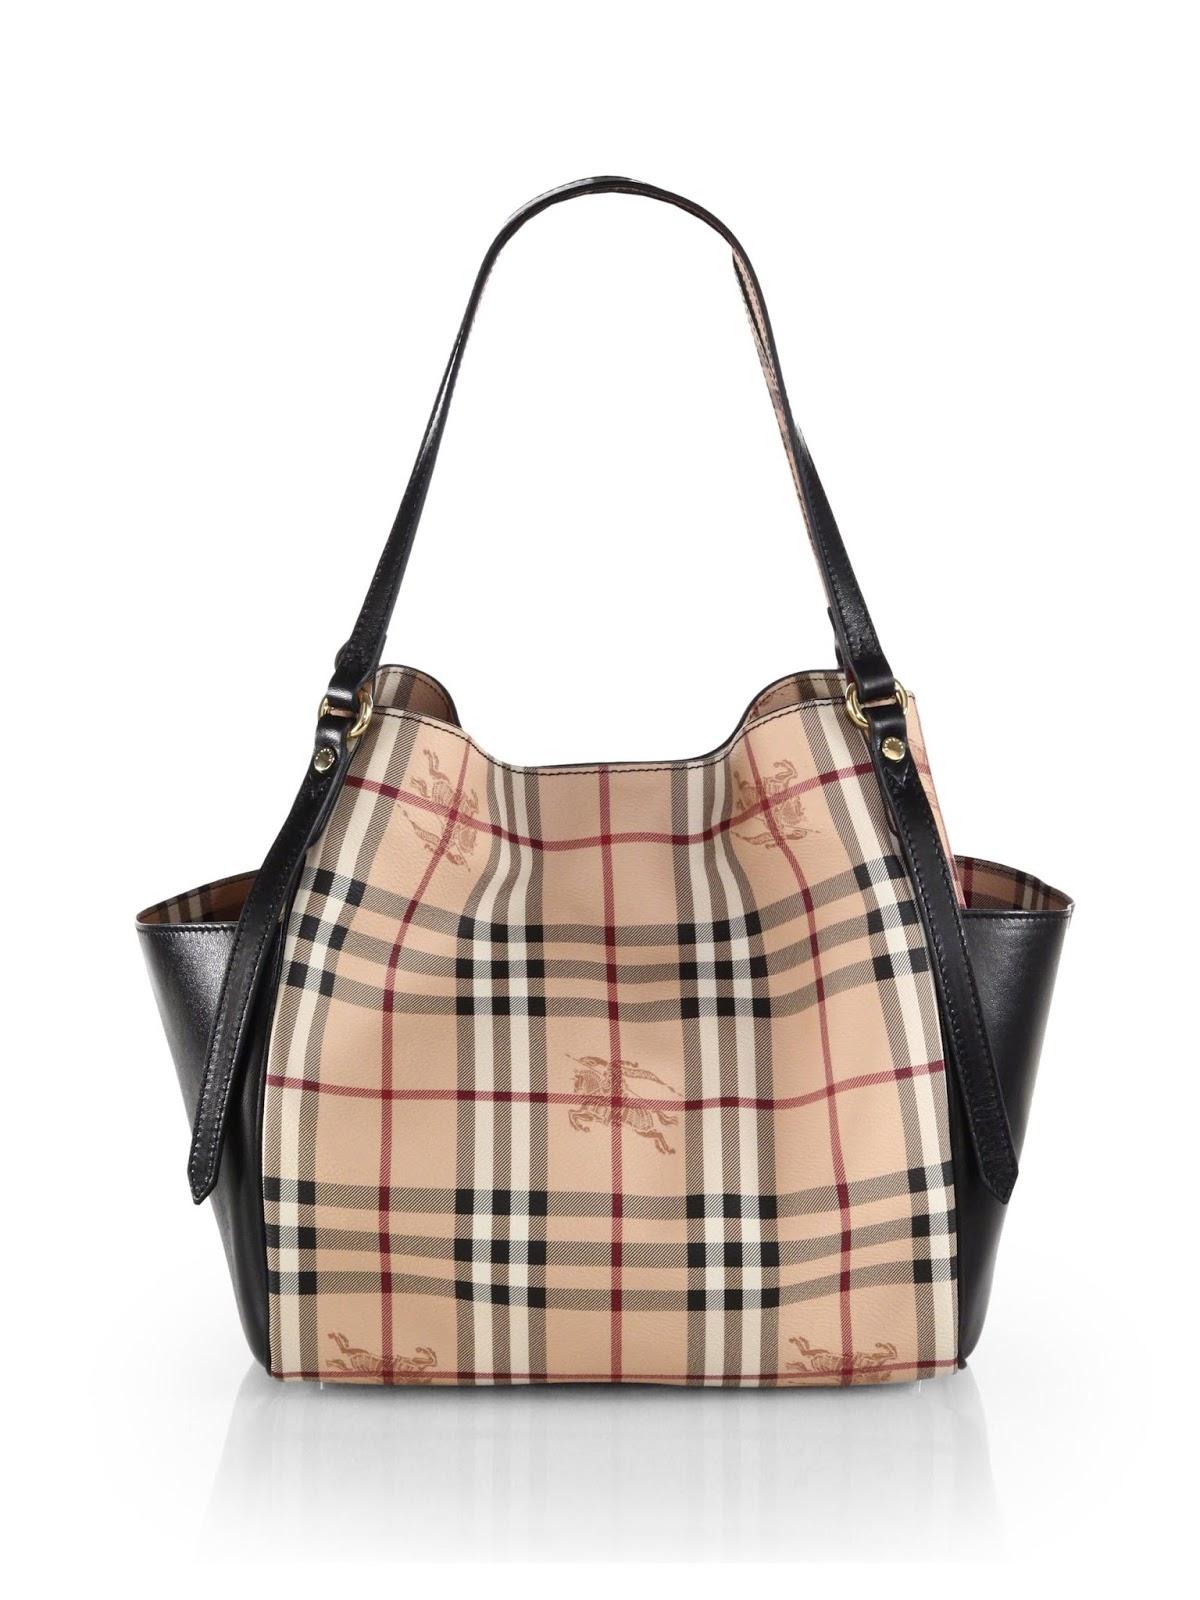 17 Model Tas Branded Wanita Paling Favorit Dan Jadi Primadona Hand Bag Lv Alma Mini Merek Cewek Terbaru Terkini Update Mewah Dunia Lux Berkualitas Berkelas Toko Online